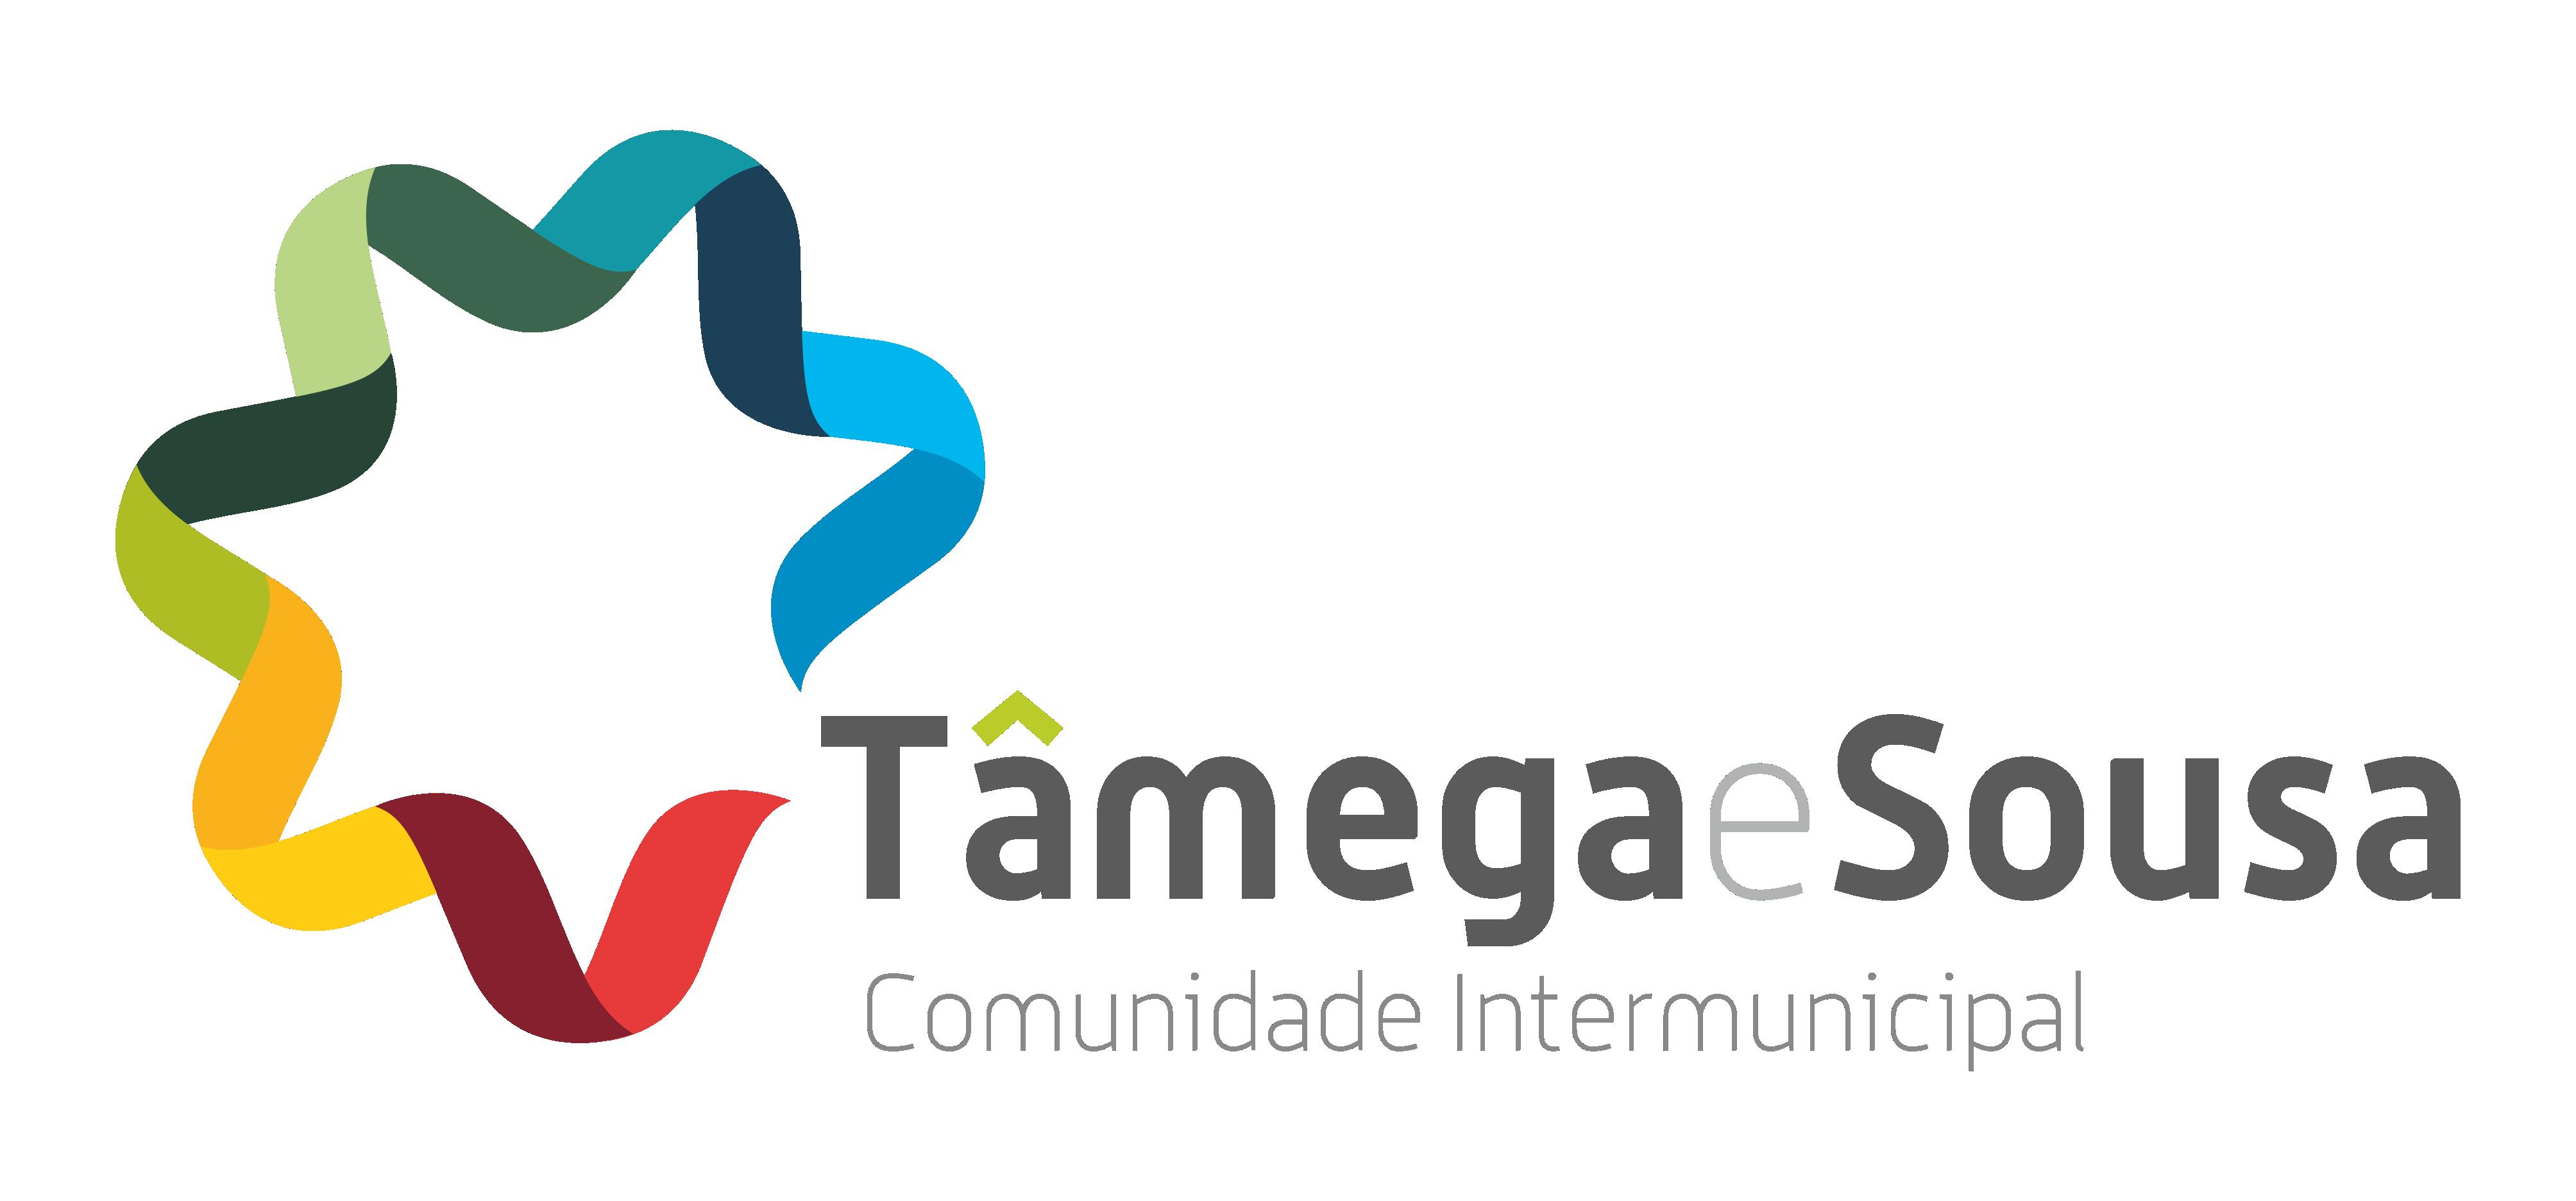 CIMTamegaSousa_versao principal_fundo br